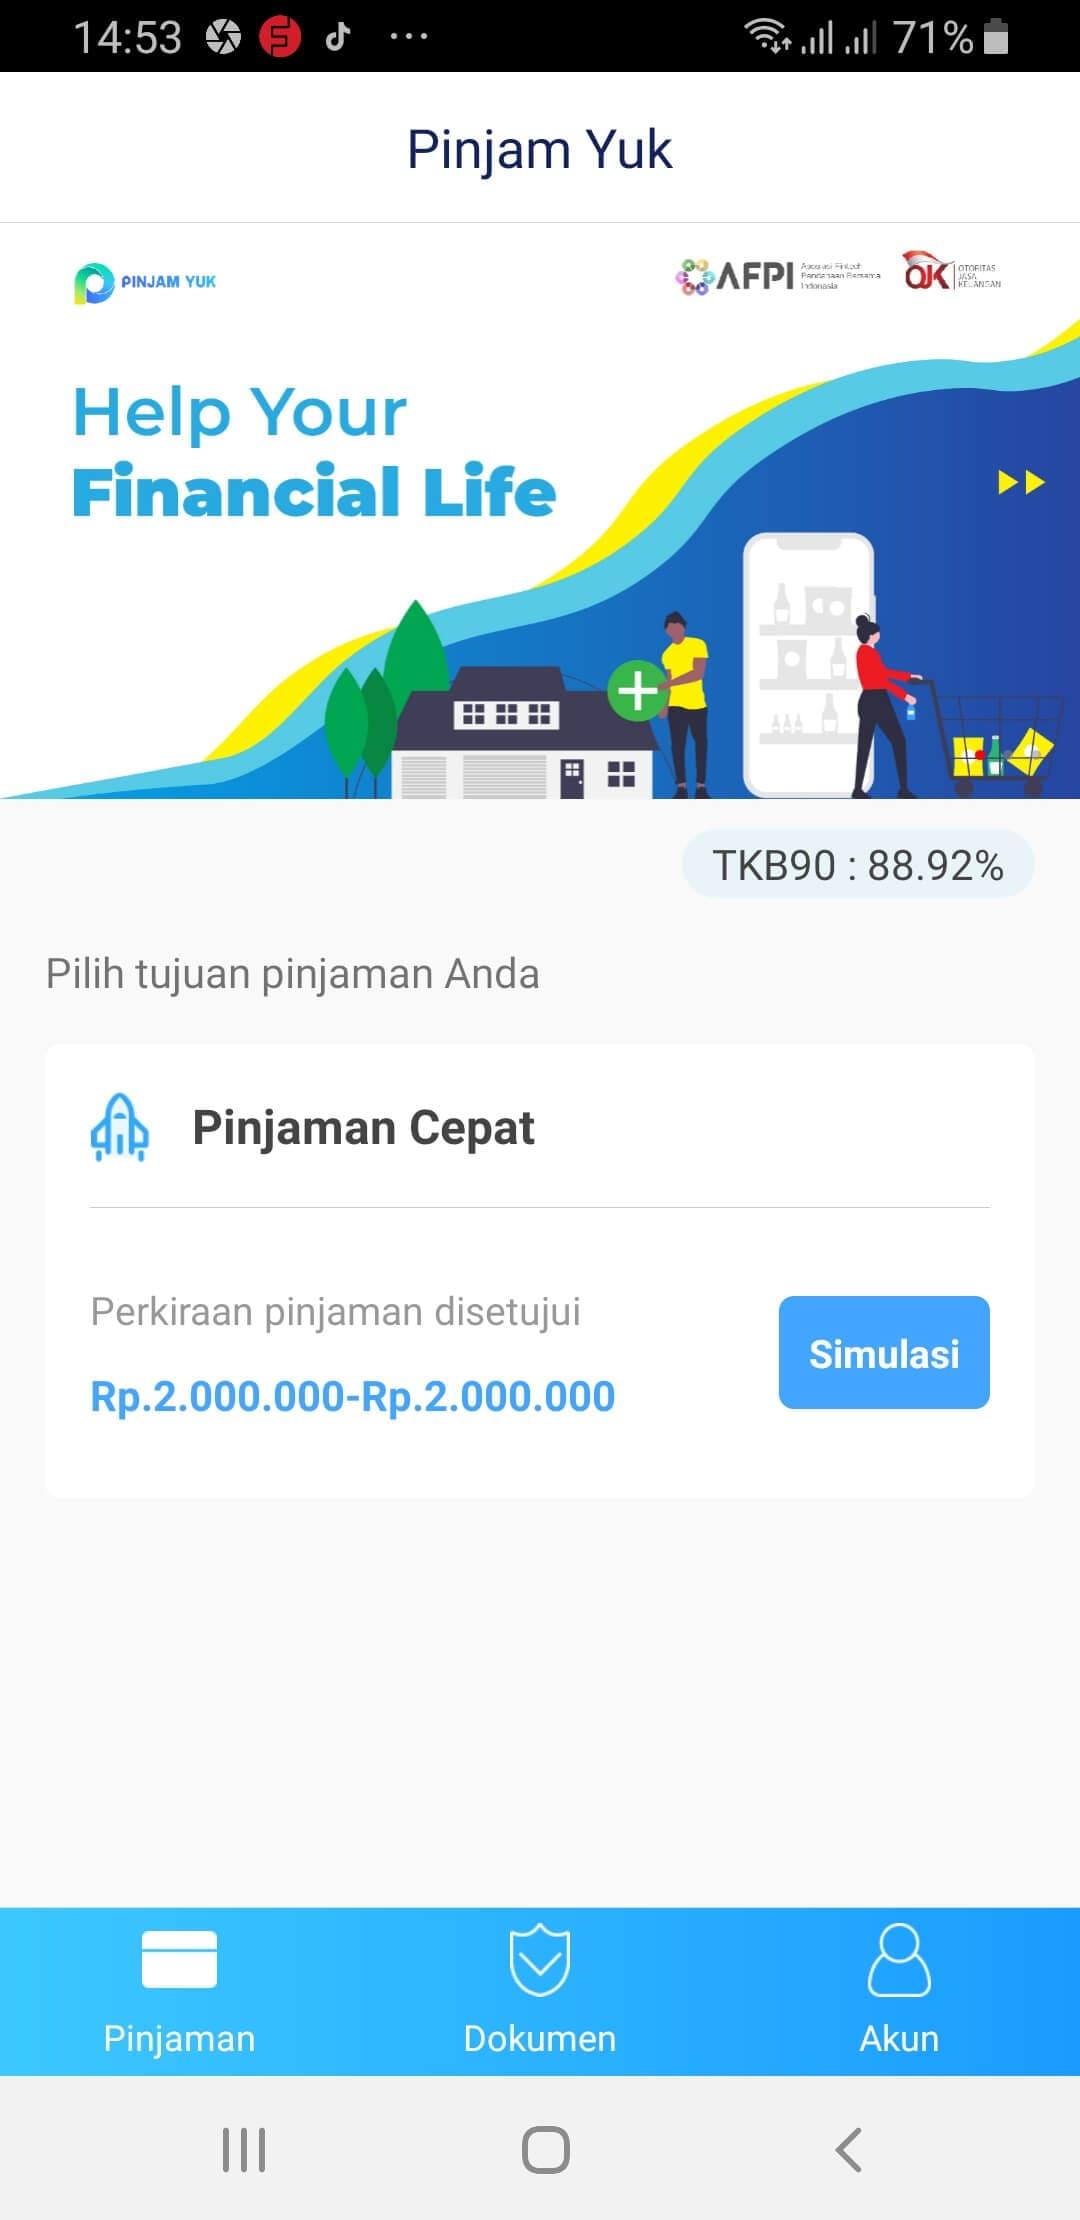 Aplikasi Pinjam Yuk Pinjaman Online